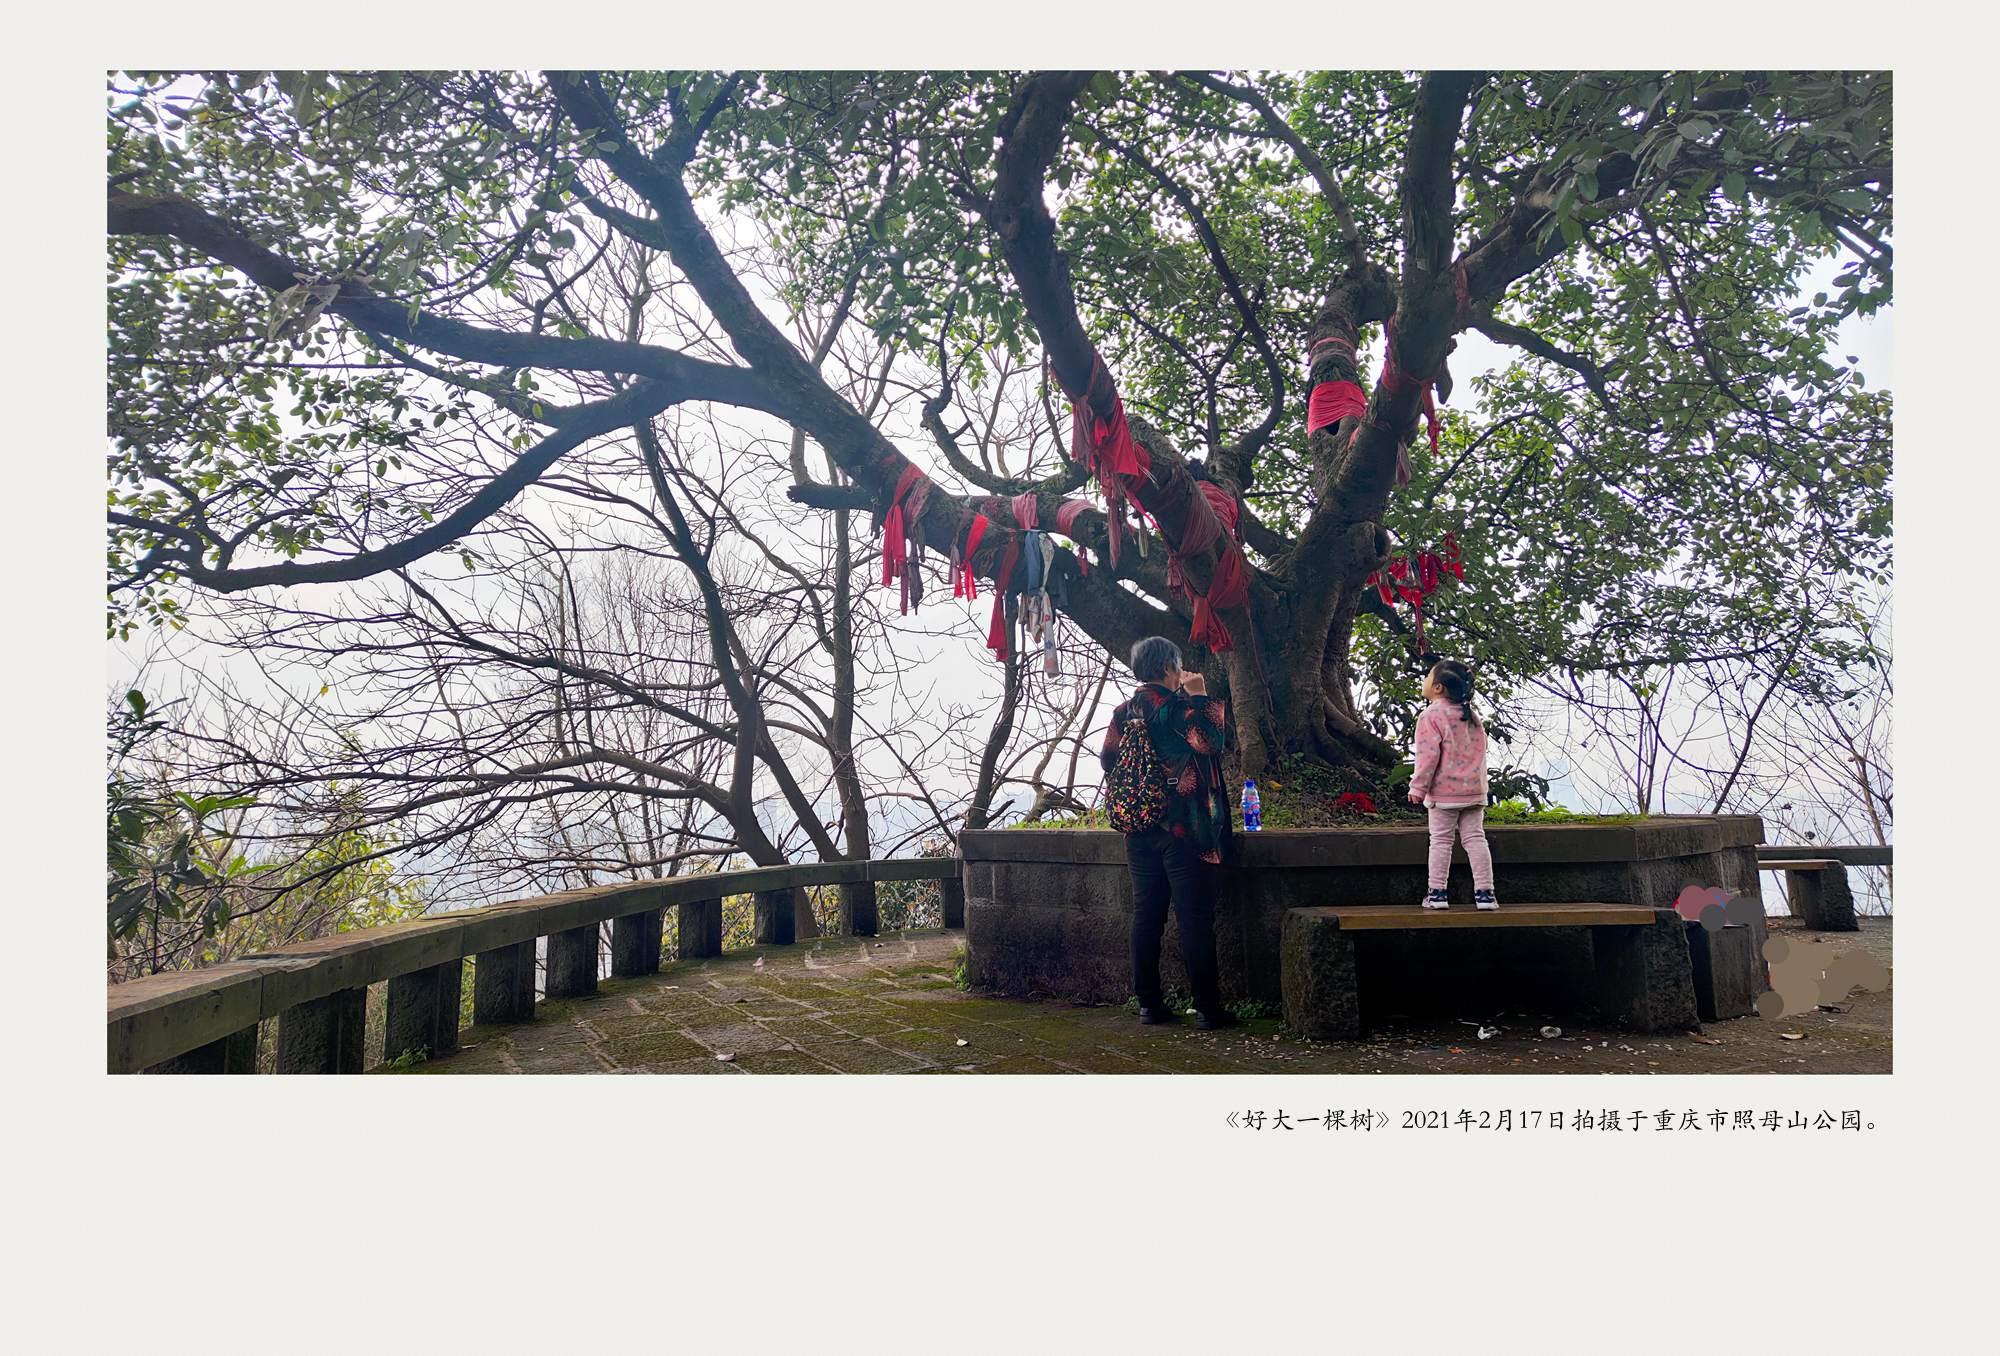 《好大一棵树》